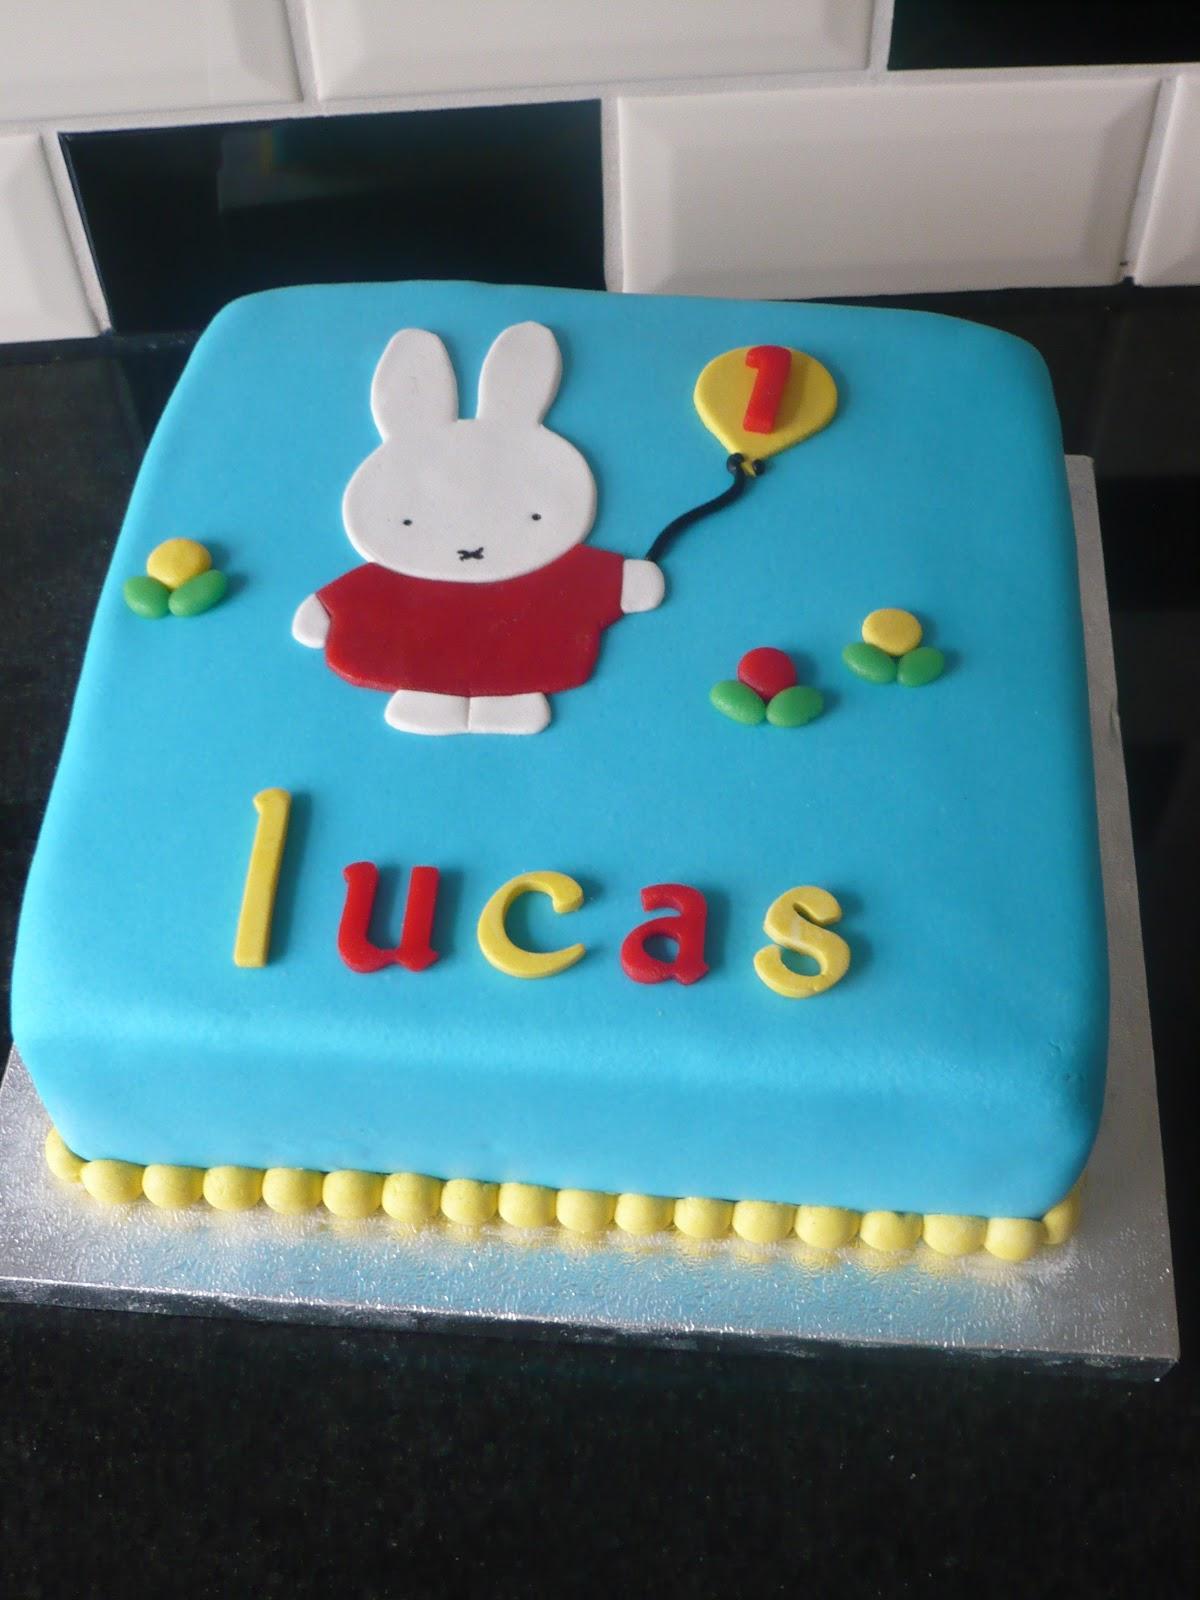 taart 1 jaar maken Taart Voor 1 Jarige Zelf Maken   ARCHIDEV taart 1 jaar maken